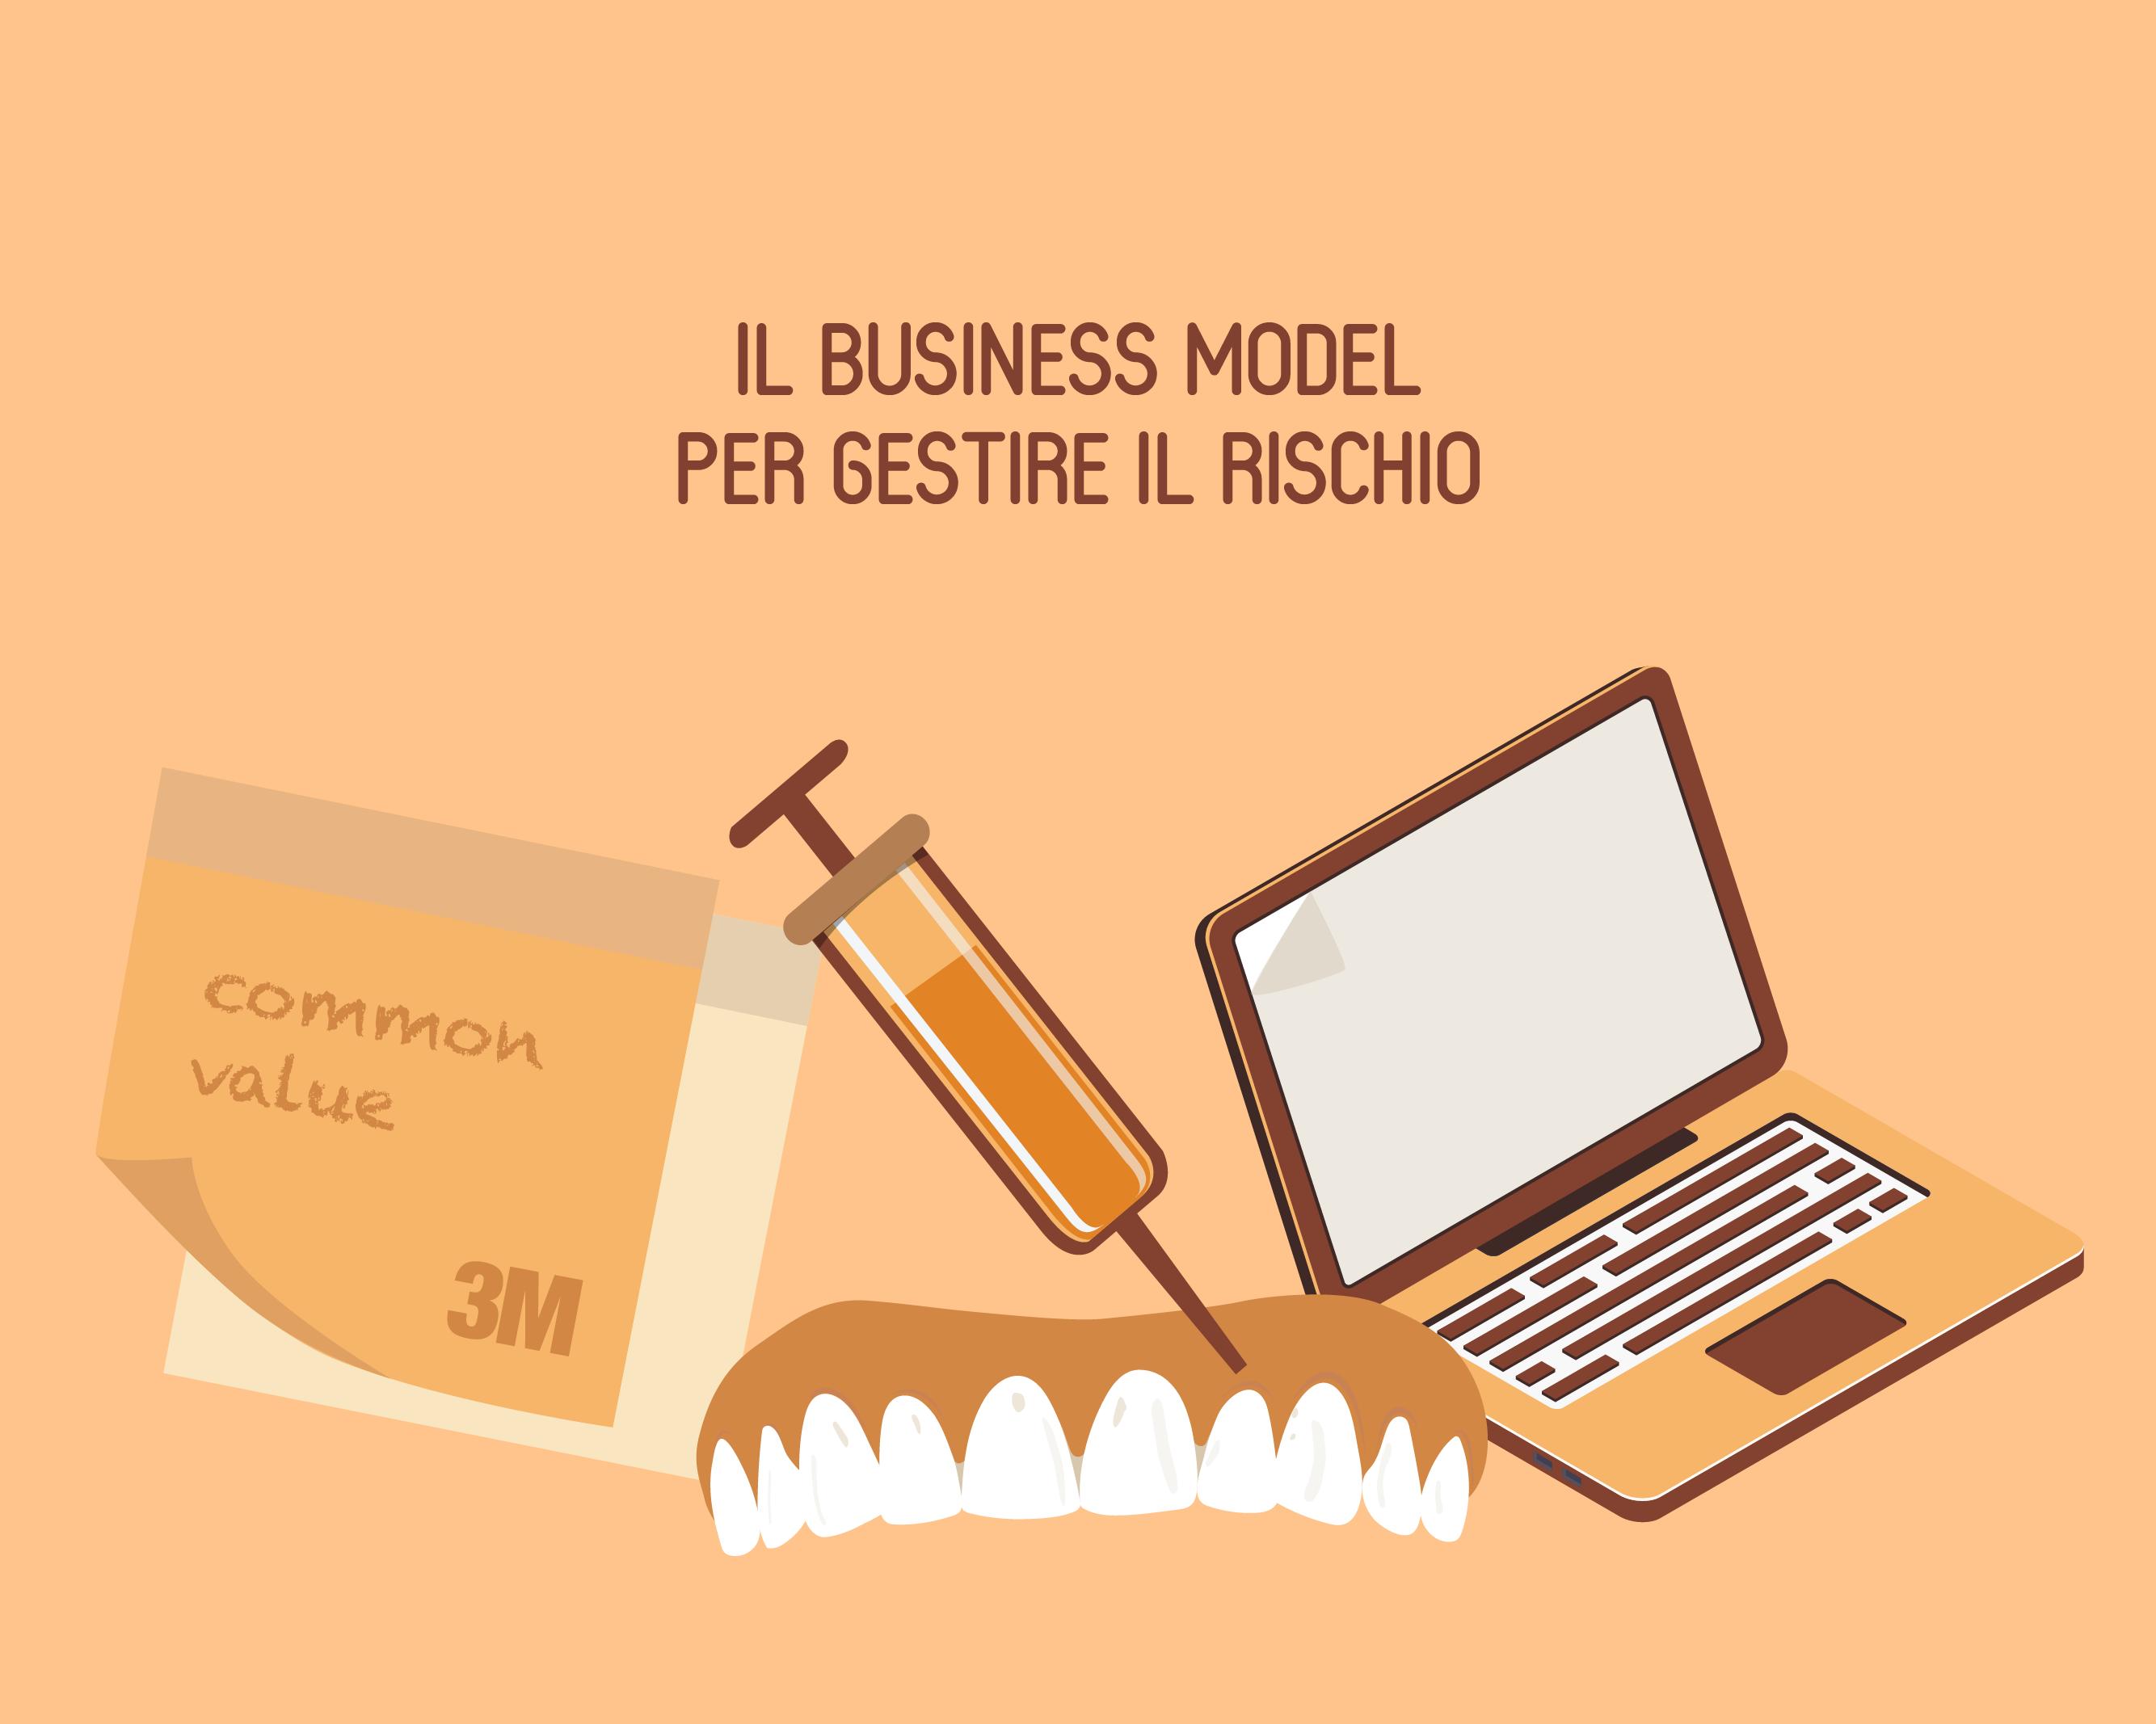 Il business model per gestire il rischio